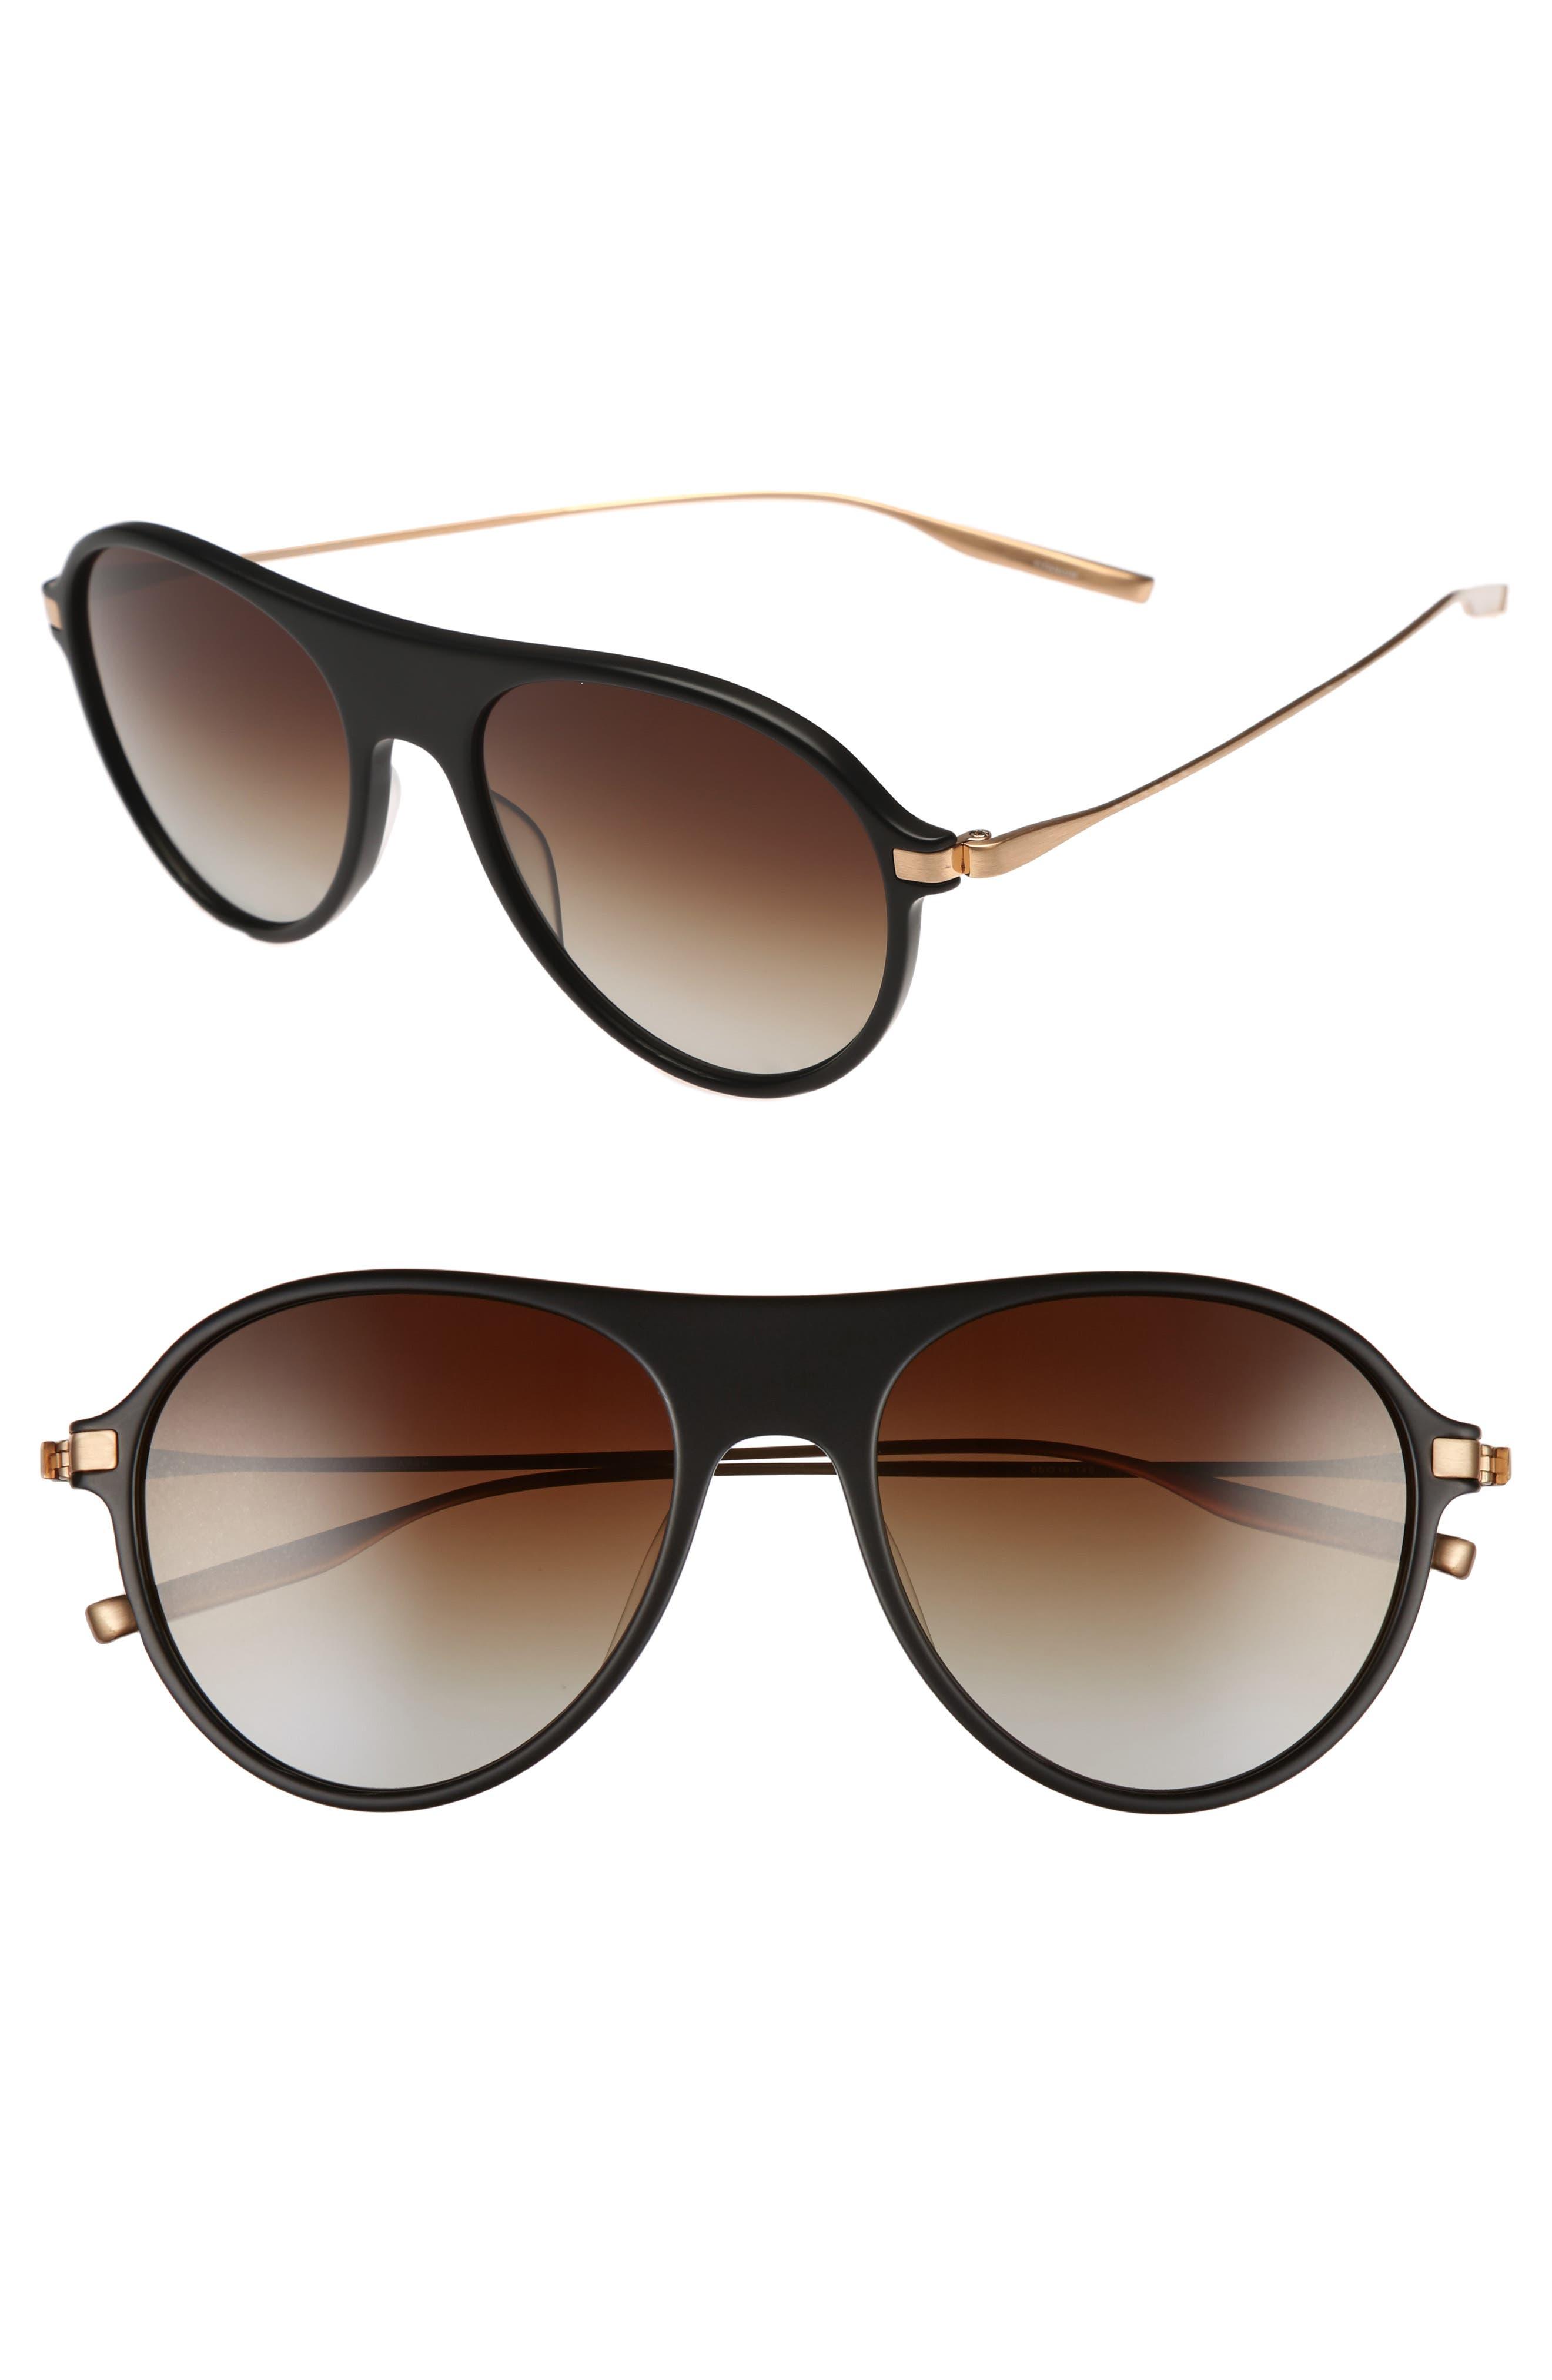 St. Hubbins 55mm Polarized Sunglasses,                             Main thumbnail 1, color,                             MATTE BLACK / BRUSHED HONEY